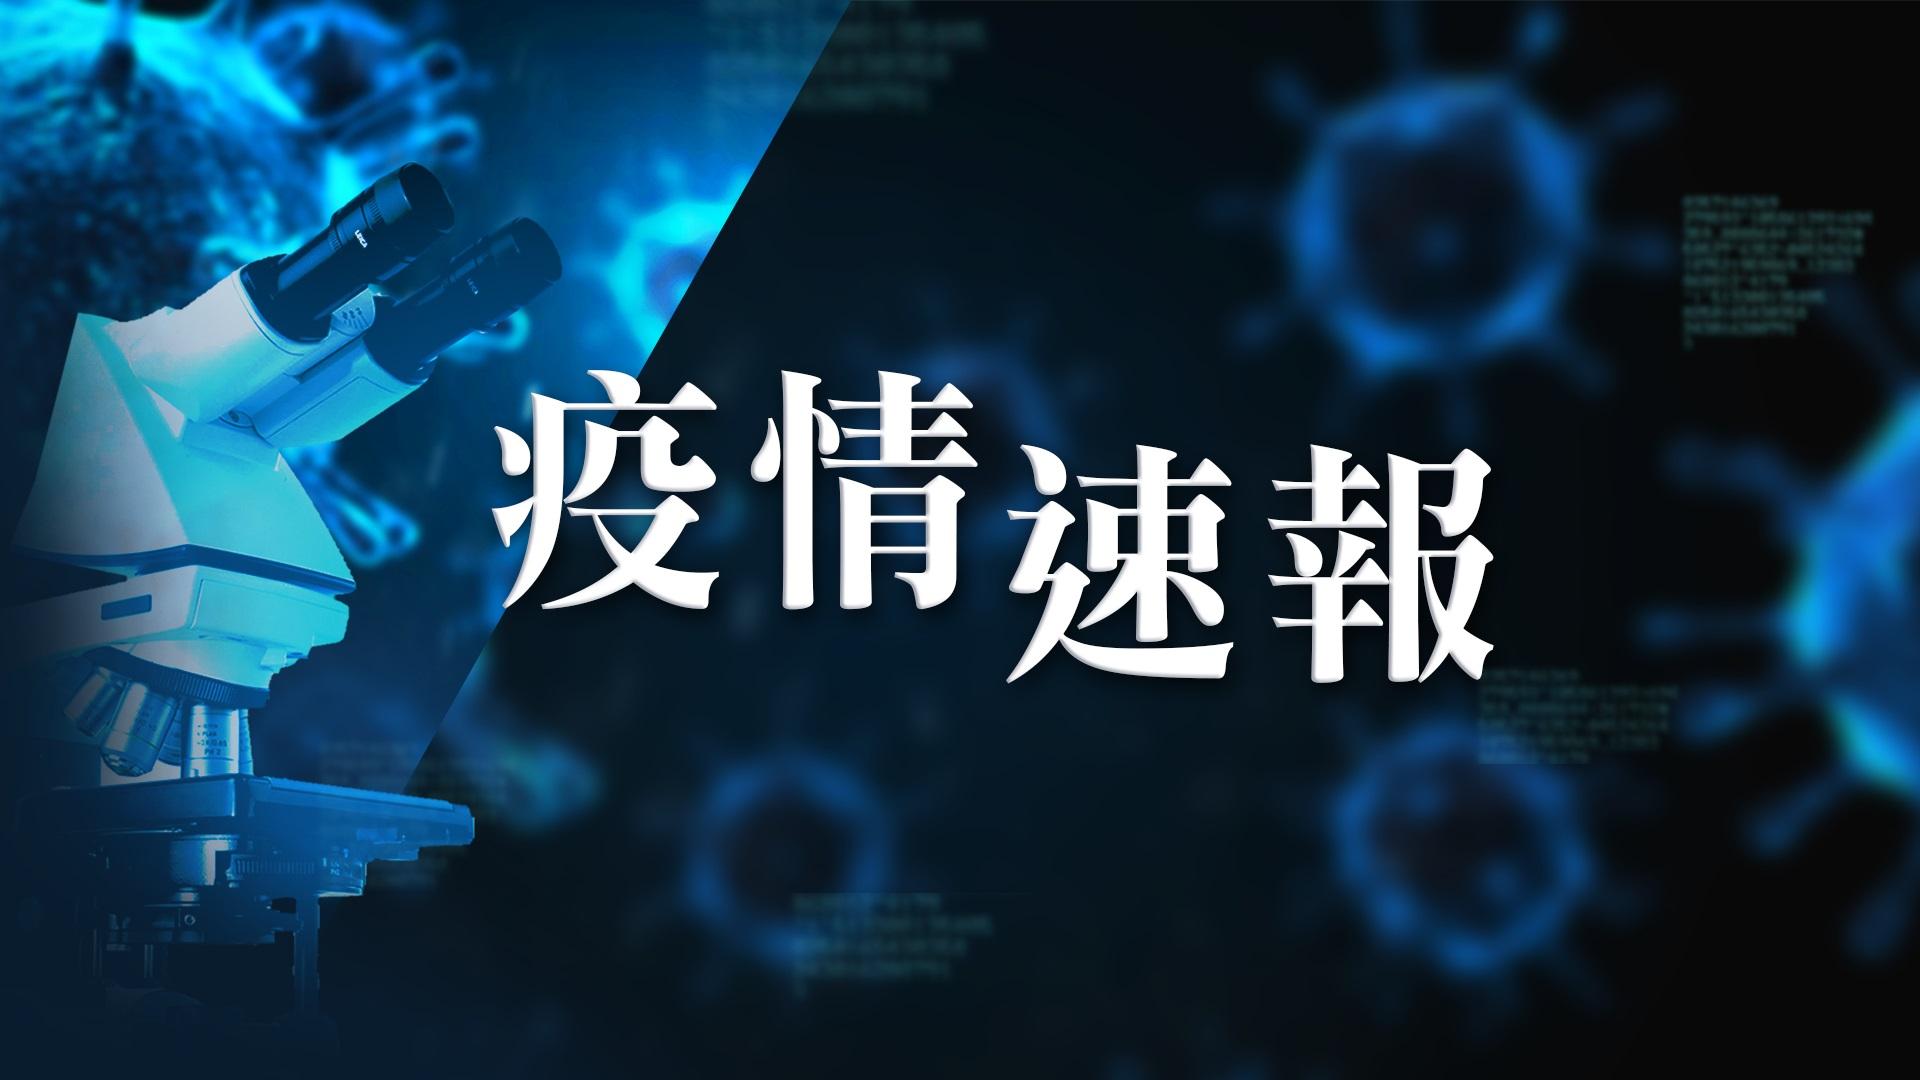 【6月26日疫情速報】(23:15)